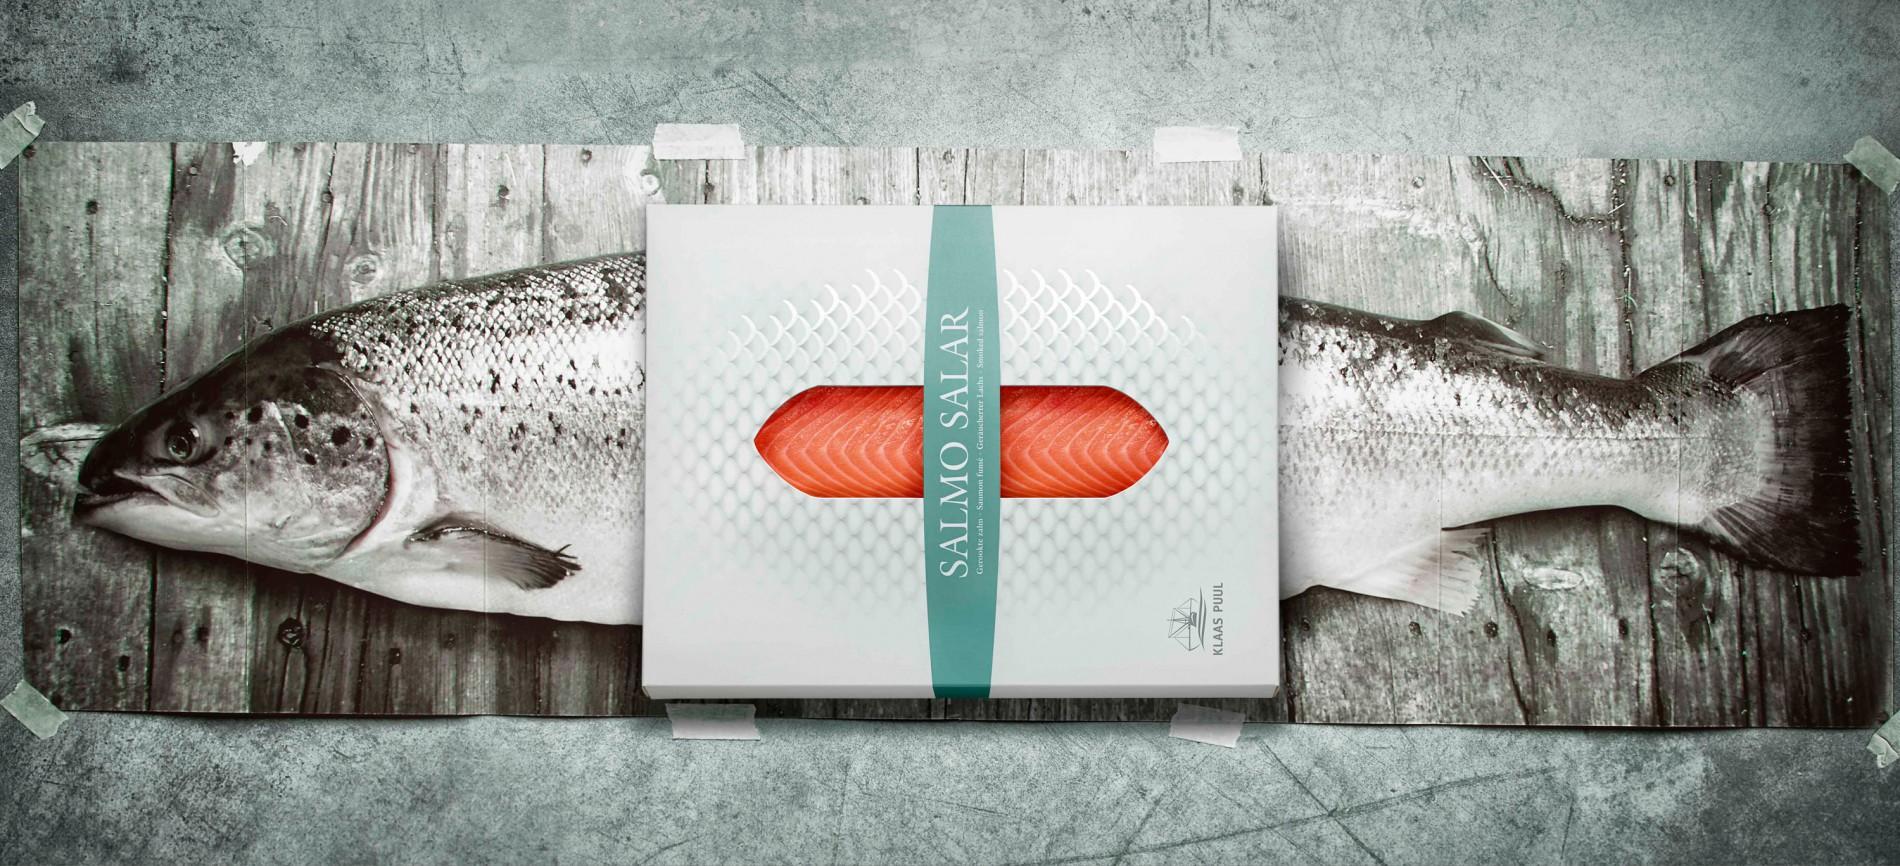 PREMIUM SALMON by Klaas Puul - A single premium package ...